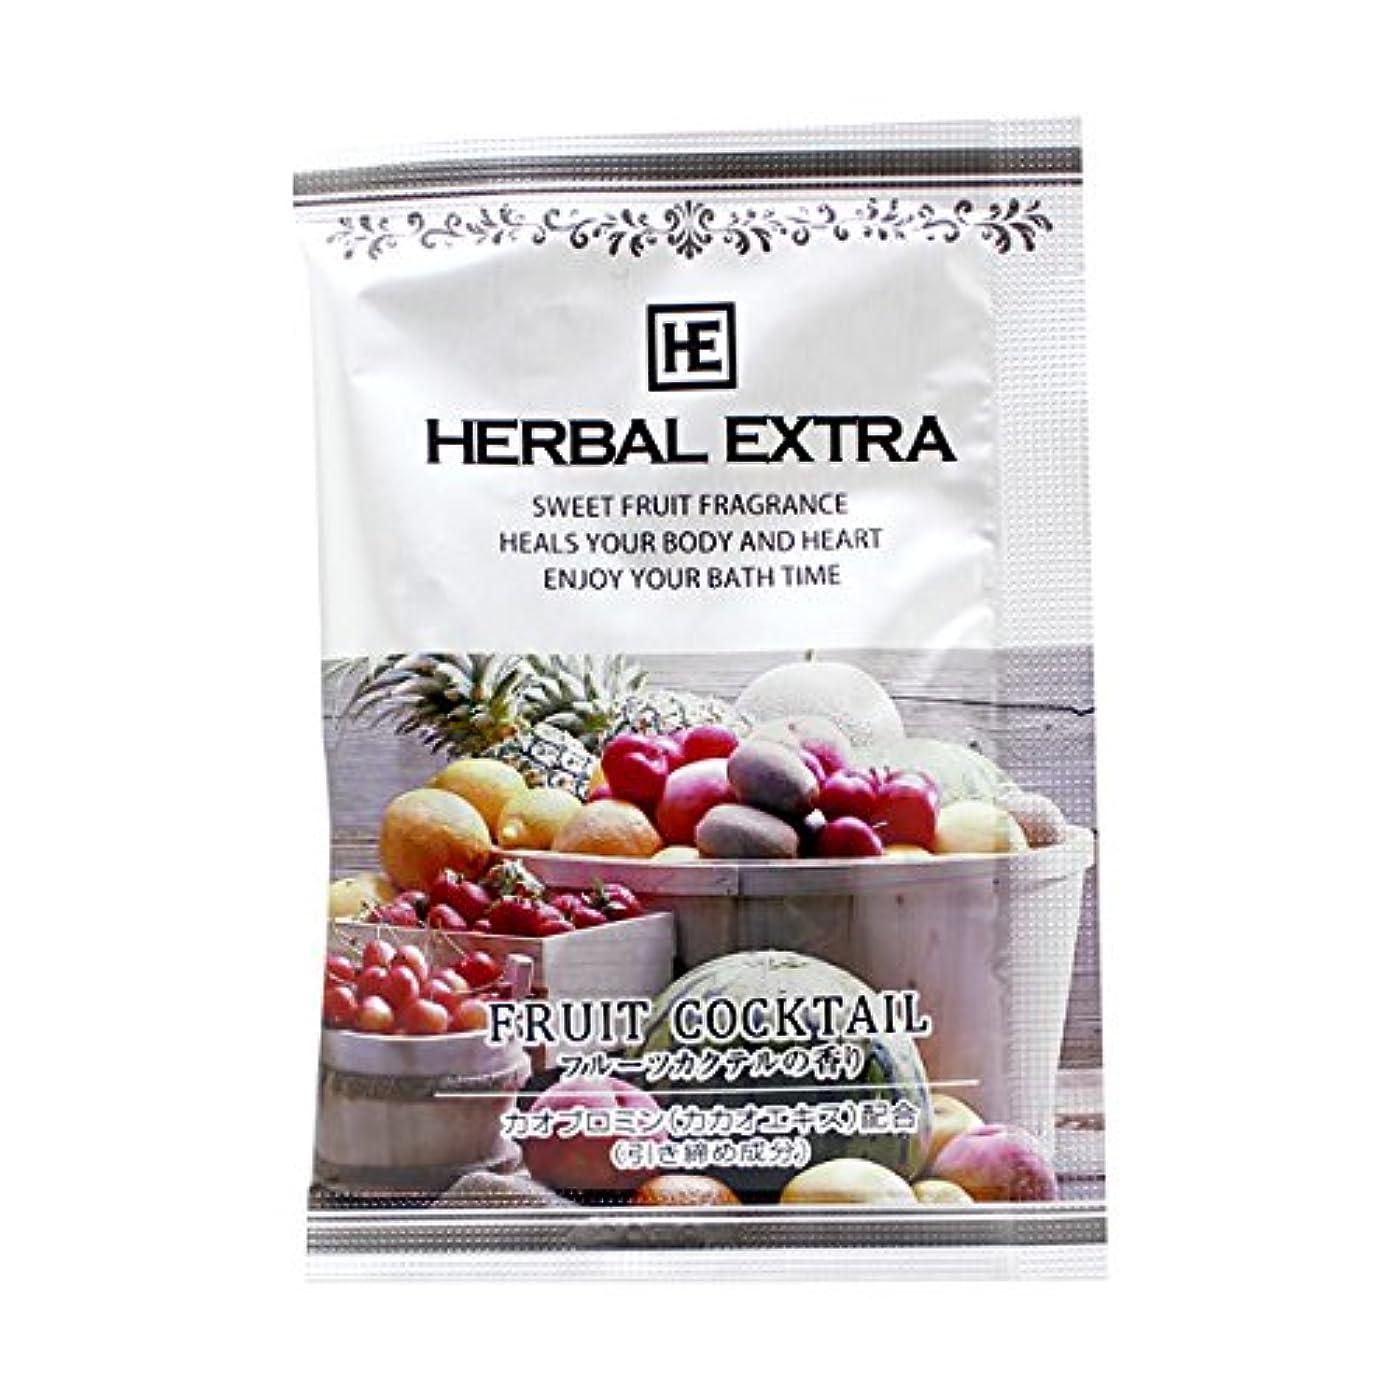 中性スリップシューズ必要ない入浴剤 ハーバルエクストラ「フルーツカクテルの香り」30個